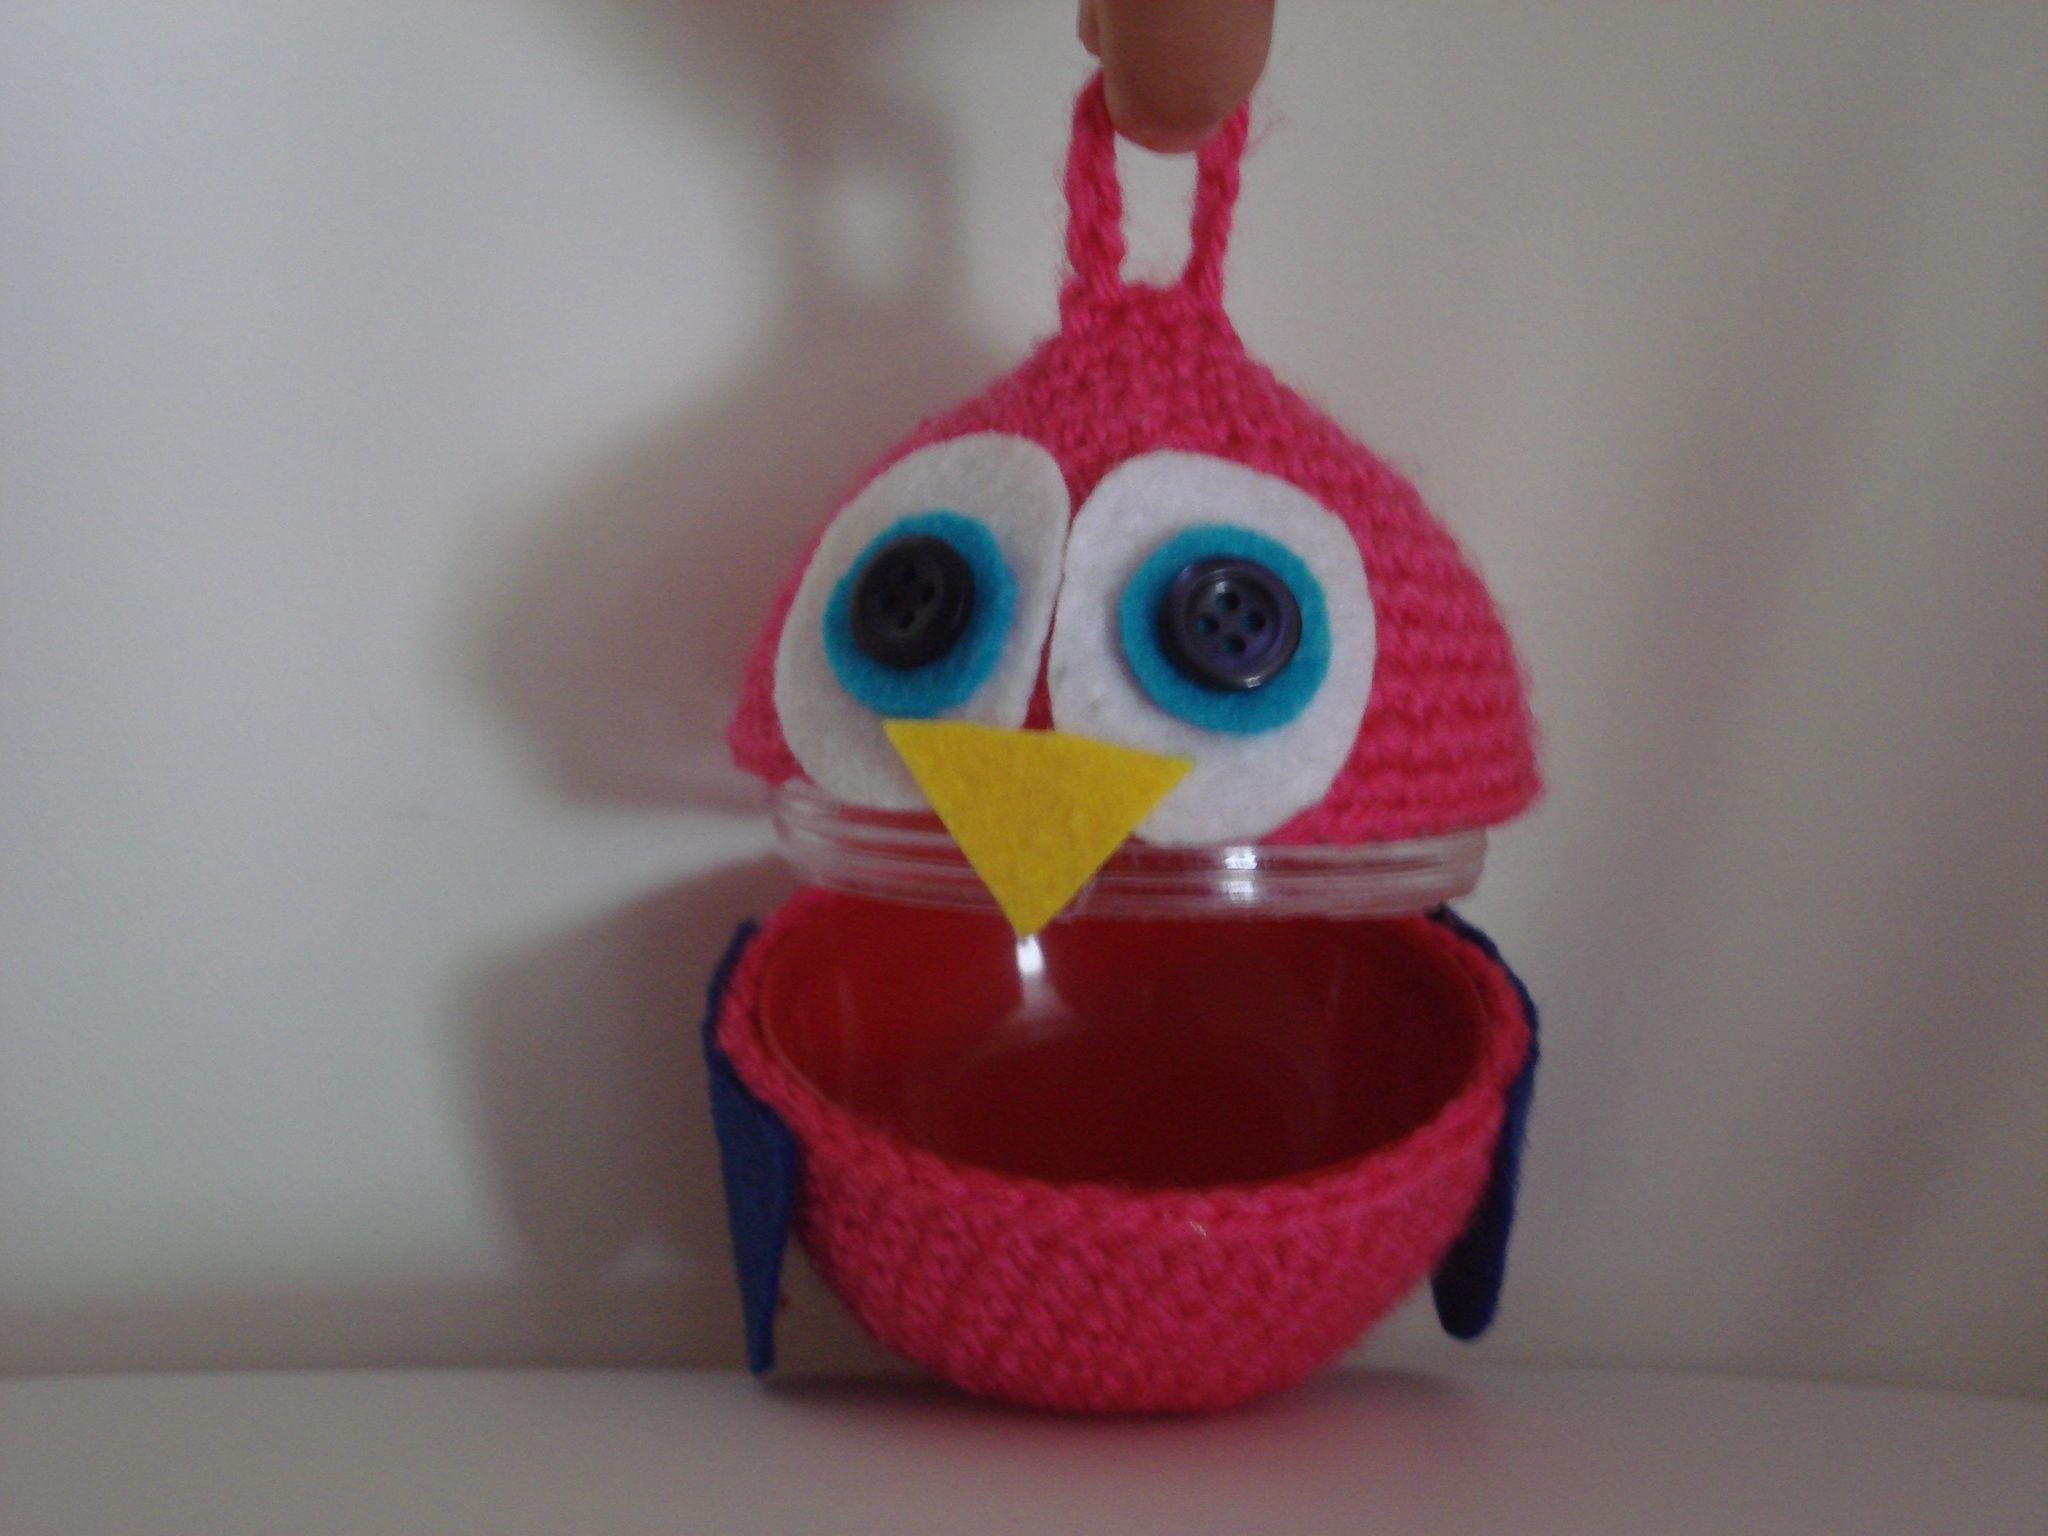 Amigurumilacion : Http: amigurumilacion.blogspot.com.es buho huevo amigurumis